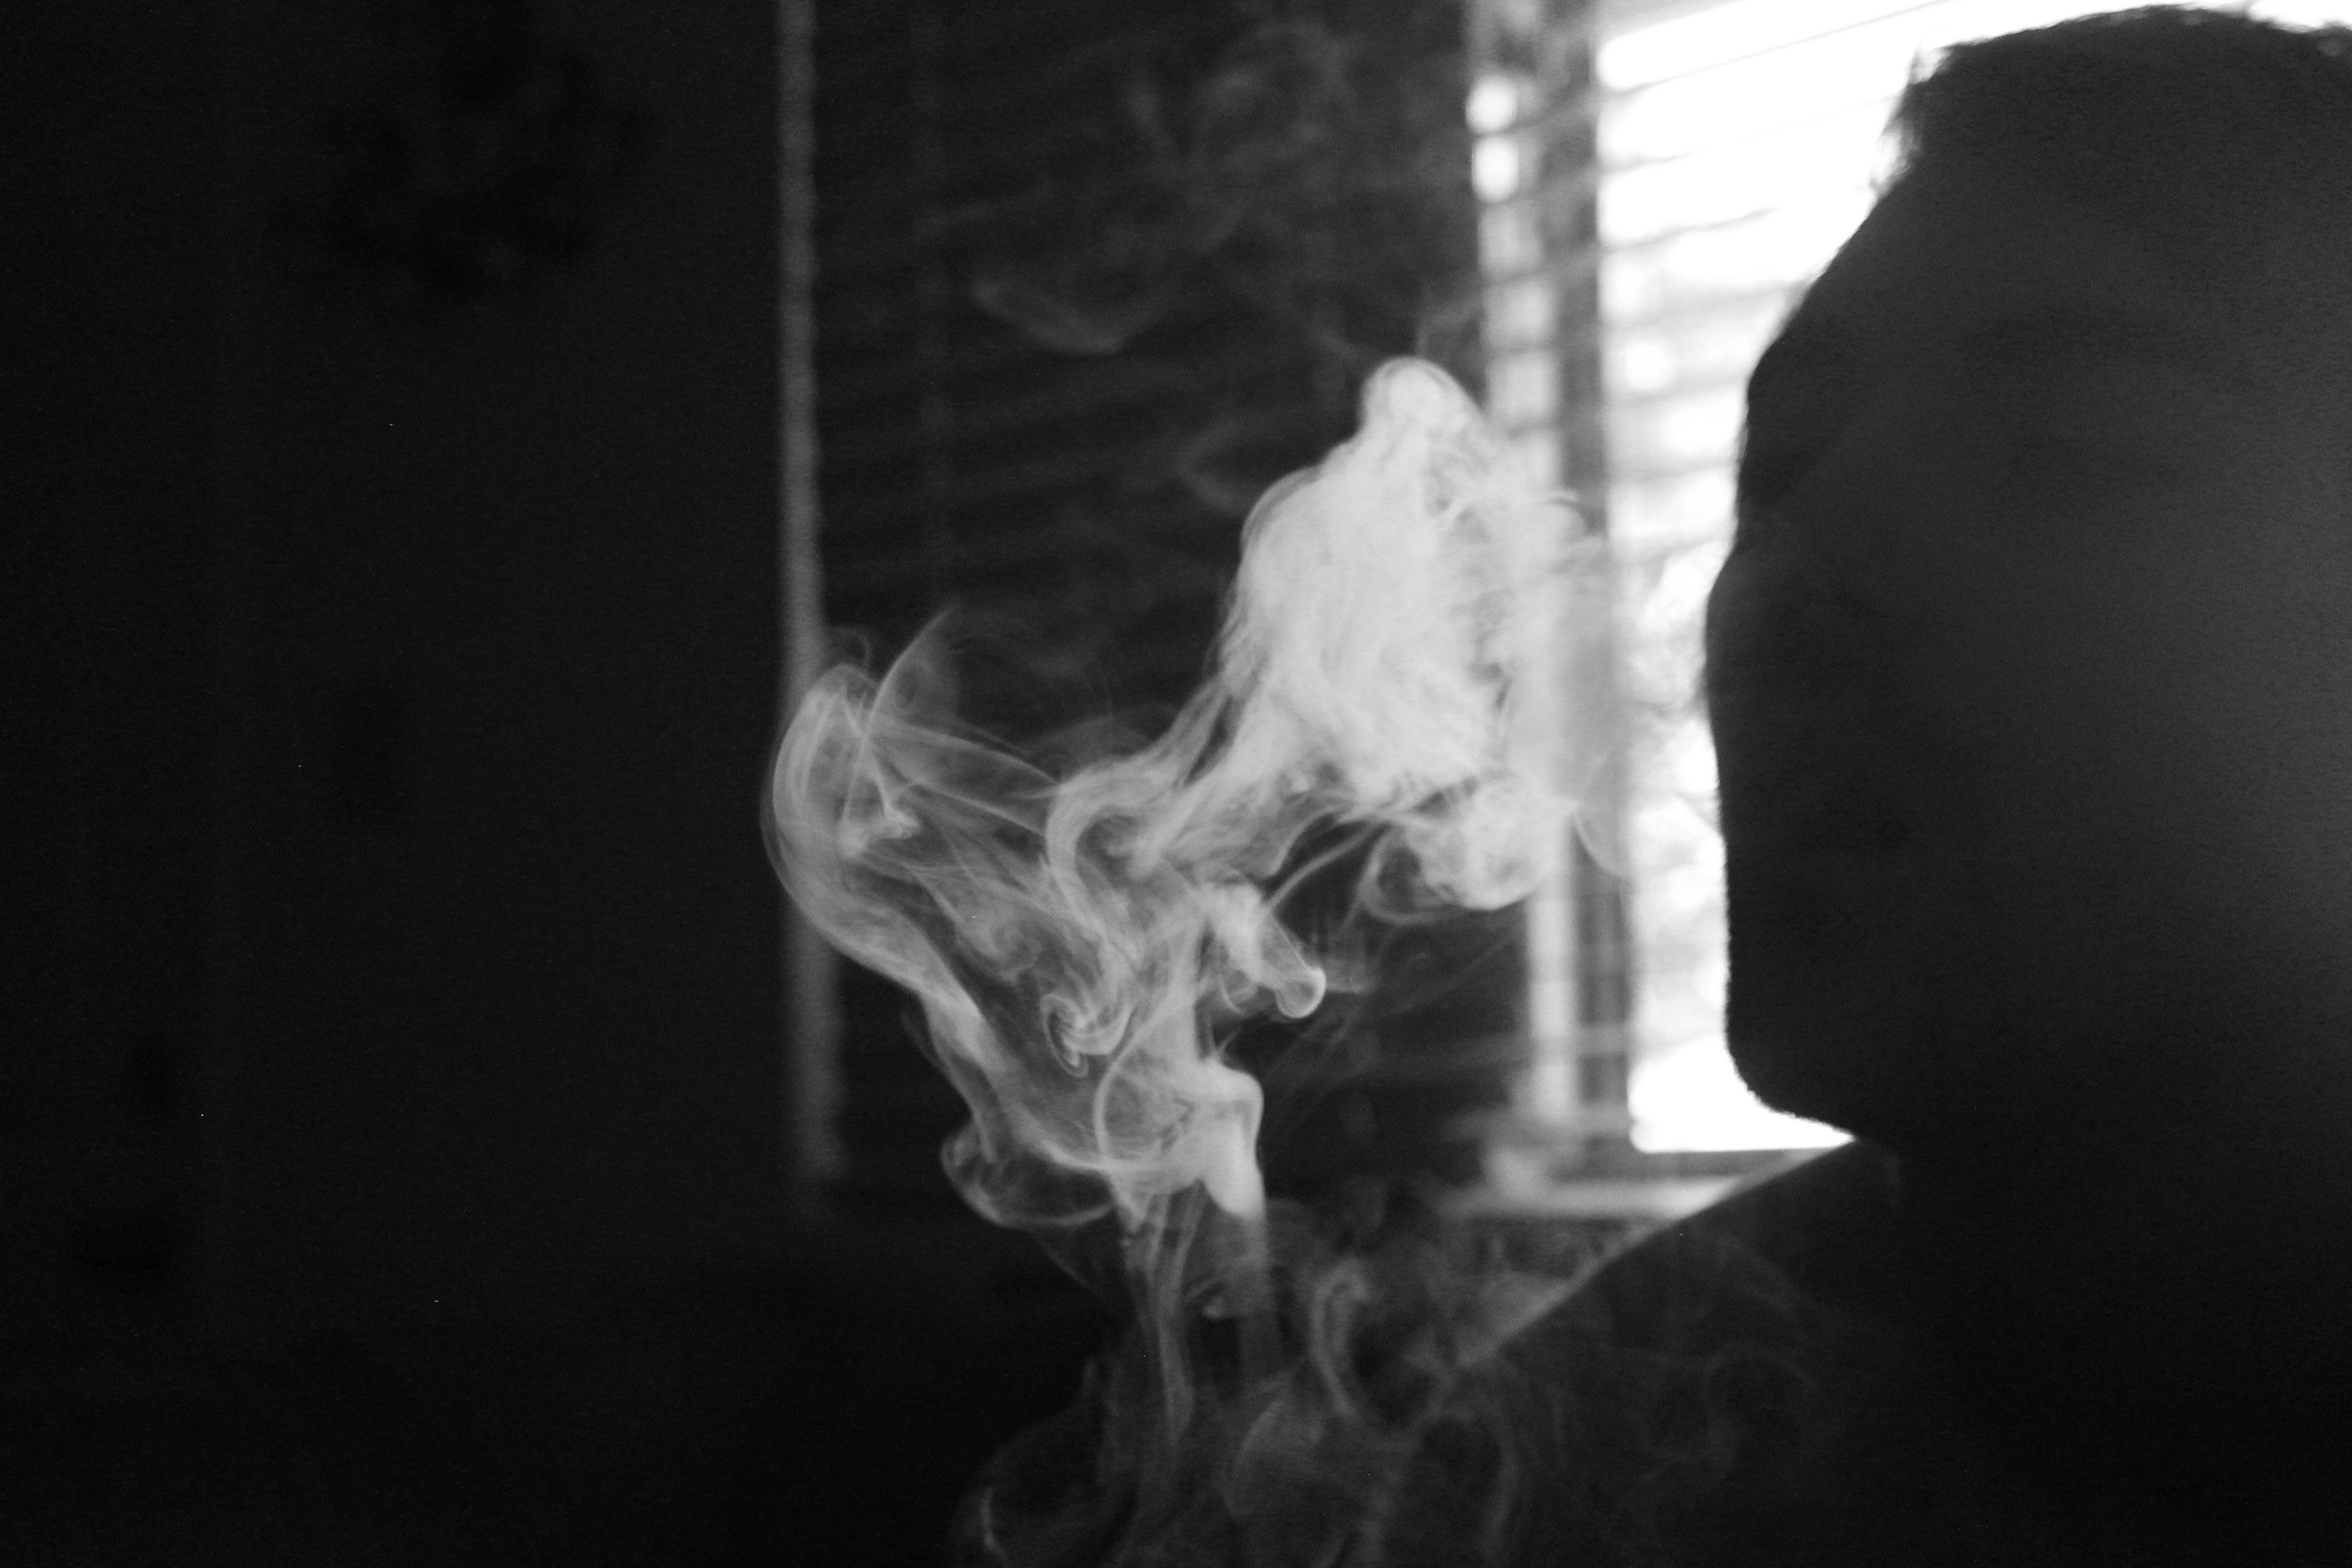 Kostenloses Stock Foto zu dunkel, mann, person, schwarz und weiß